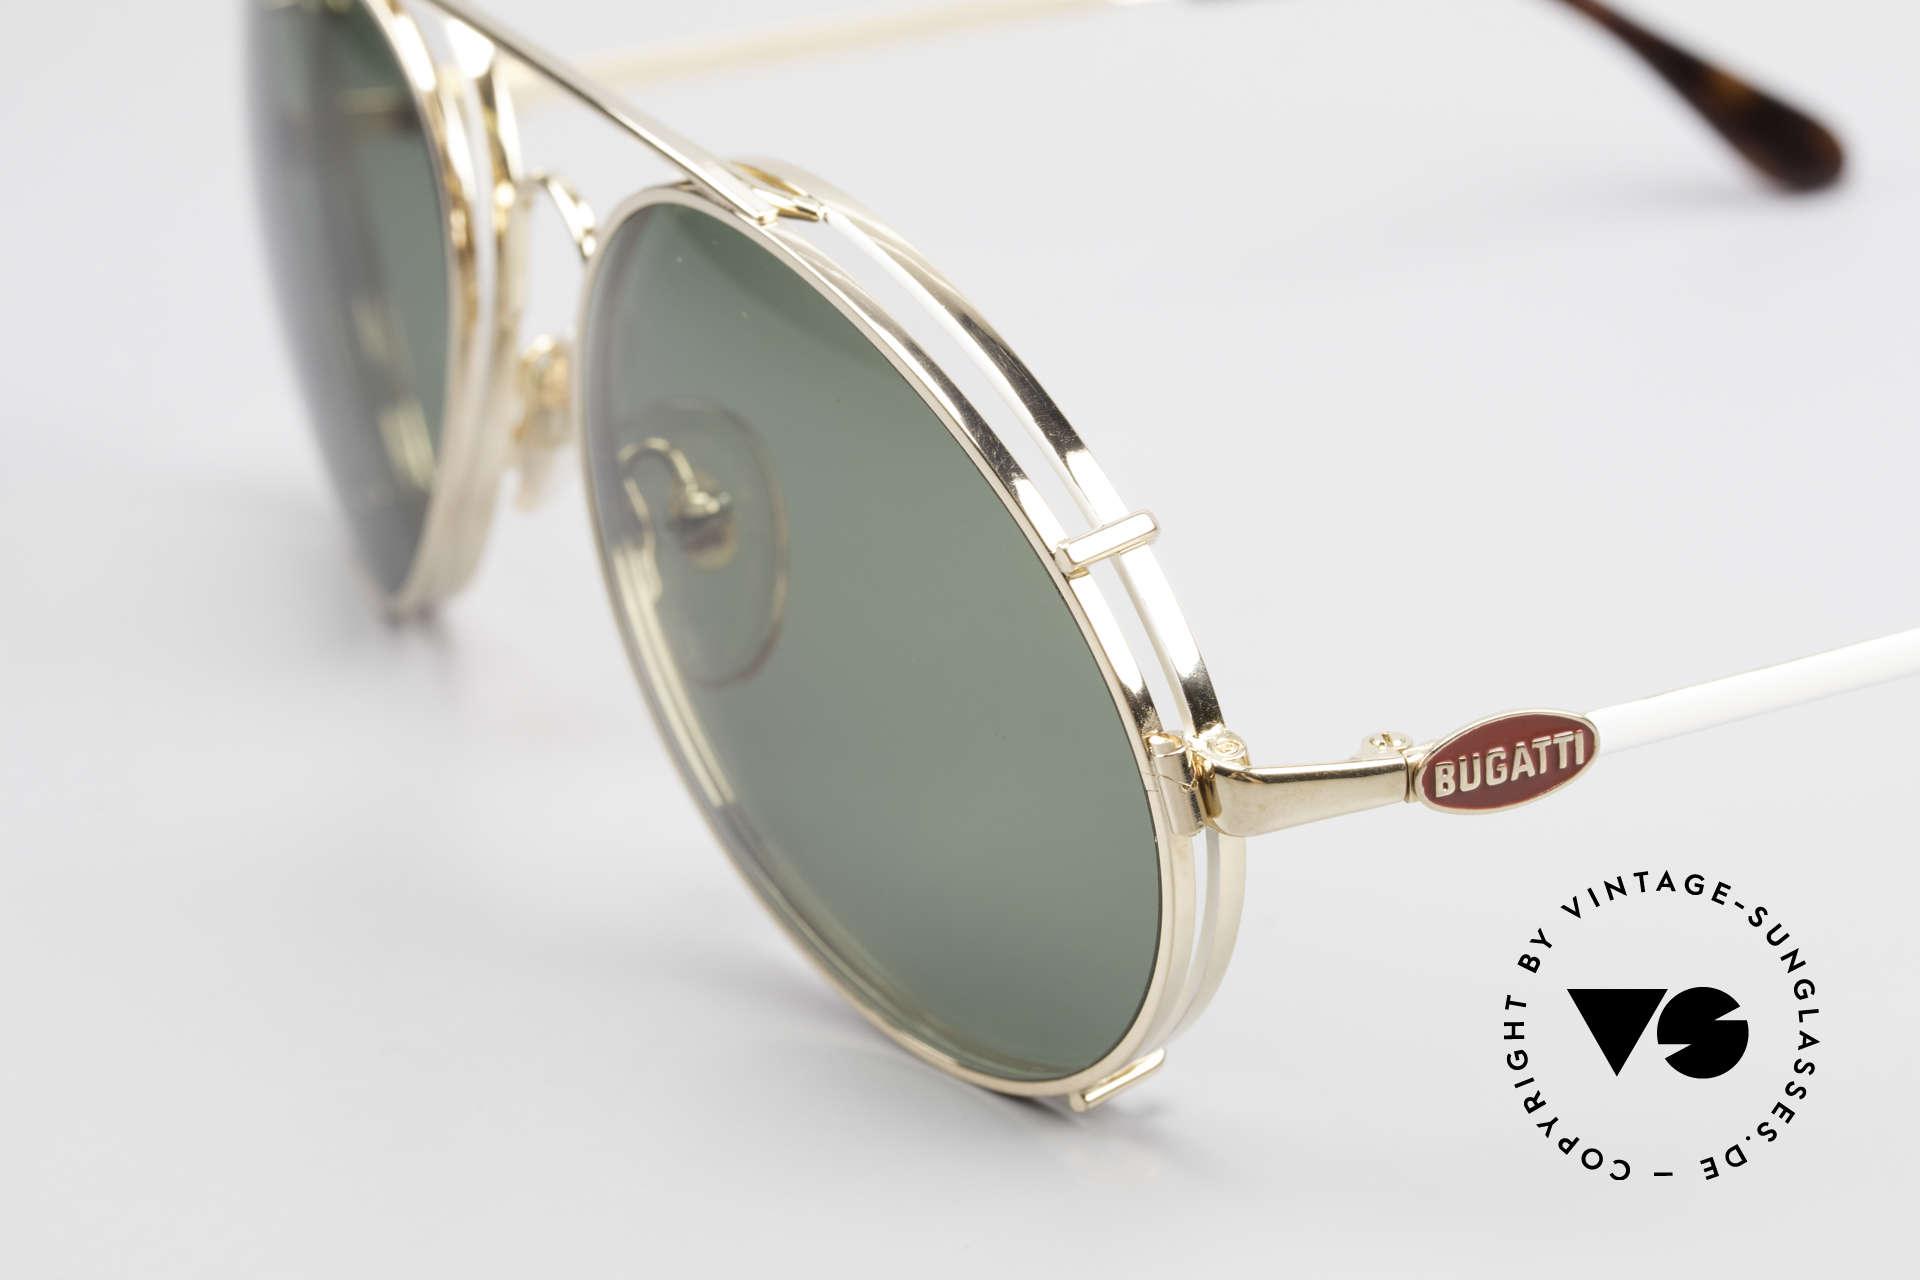 Bugatti 65987 80er Vintage Brille Mit Clip On, Fassung vergoldet/weiss mit roten Logos, Gr. 56, Passend für Herren